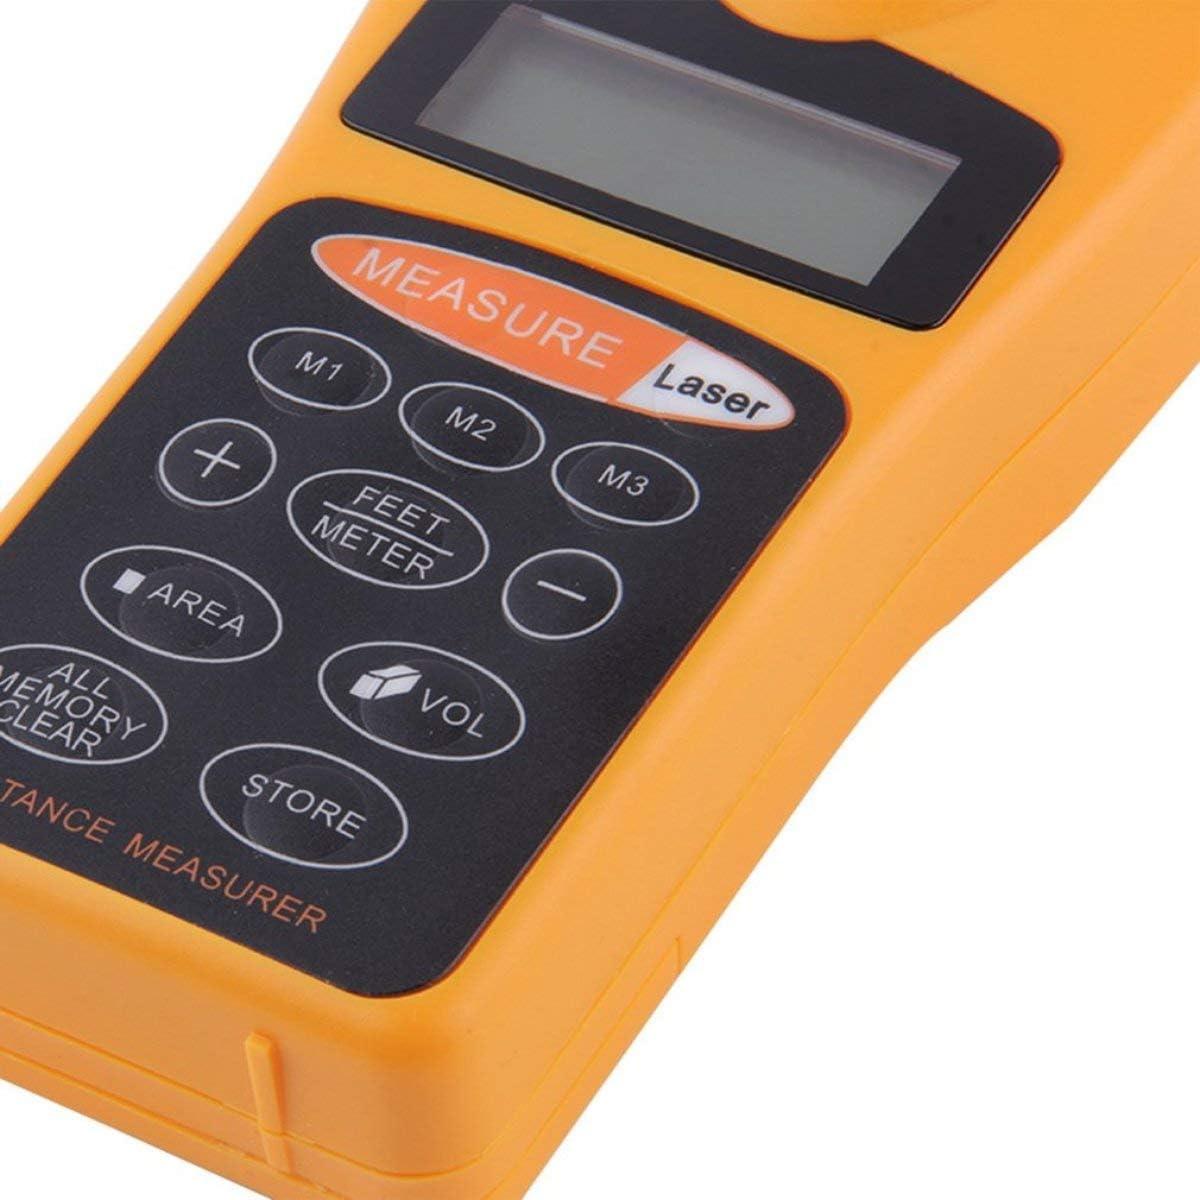 Cosye Mesure de Distance /à ultrasons LCD num/érique m/ètre /à Ruban indicateur Laser Point t/él/ém/ètre calculateur de Zone pointeur Laser